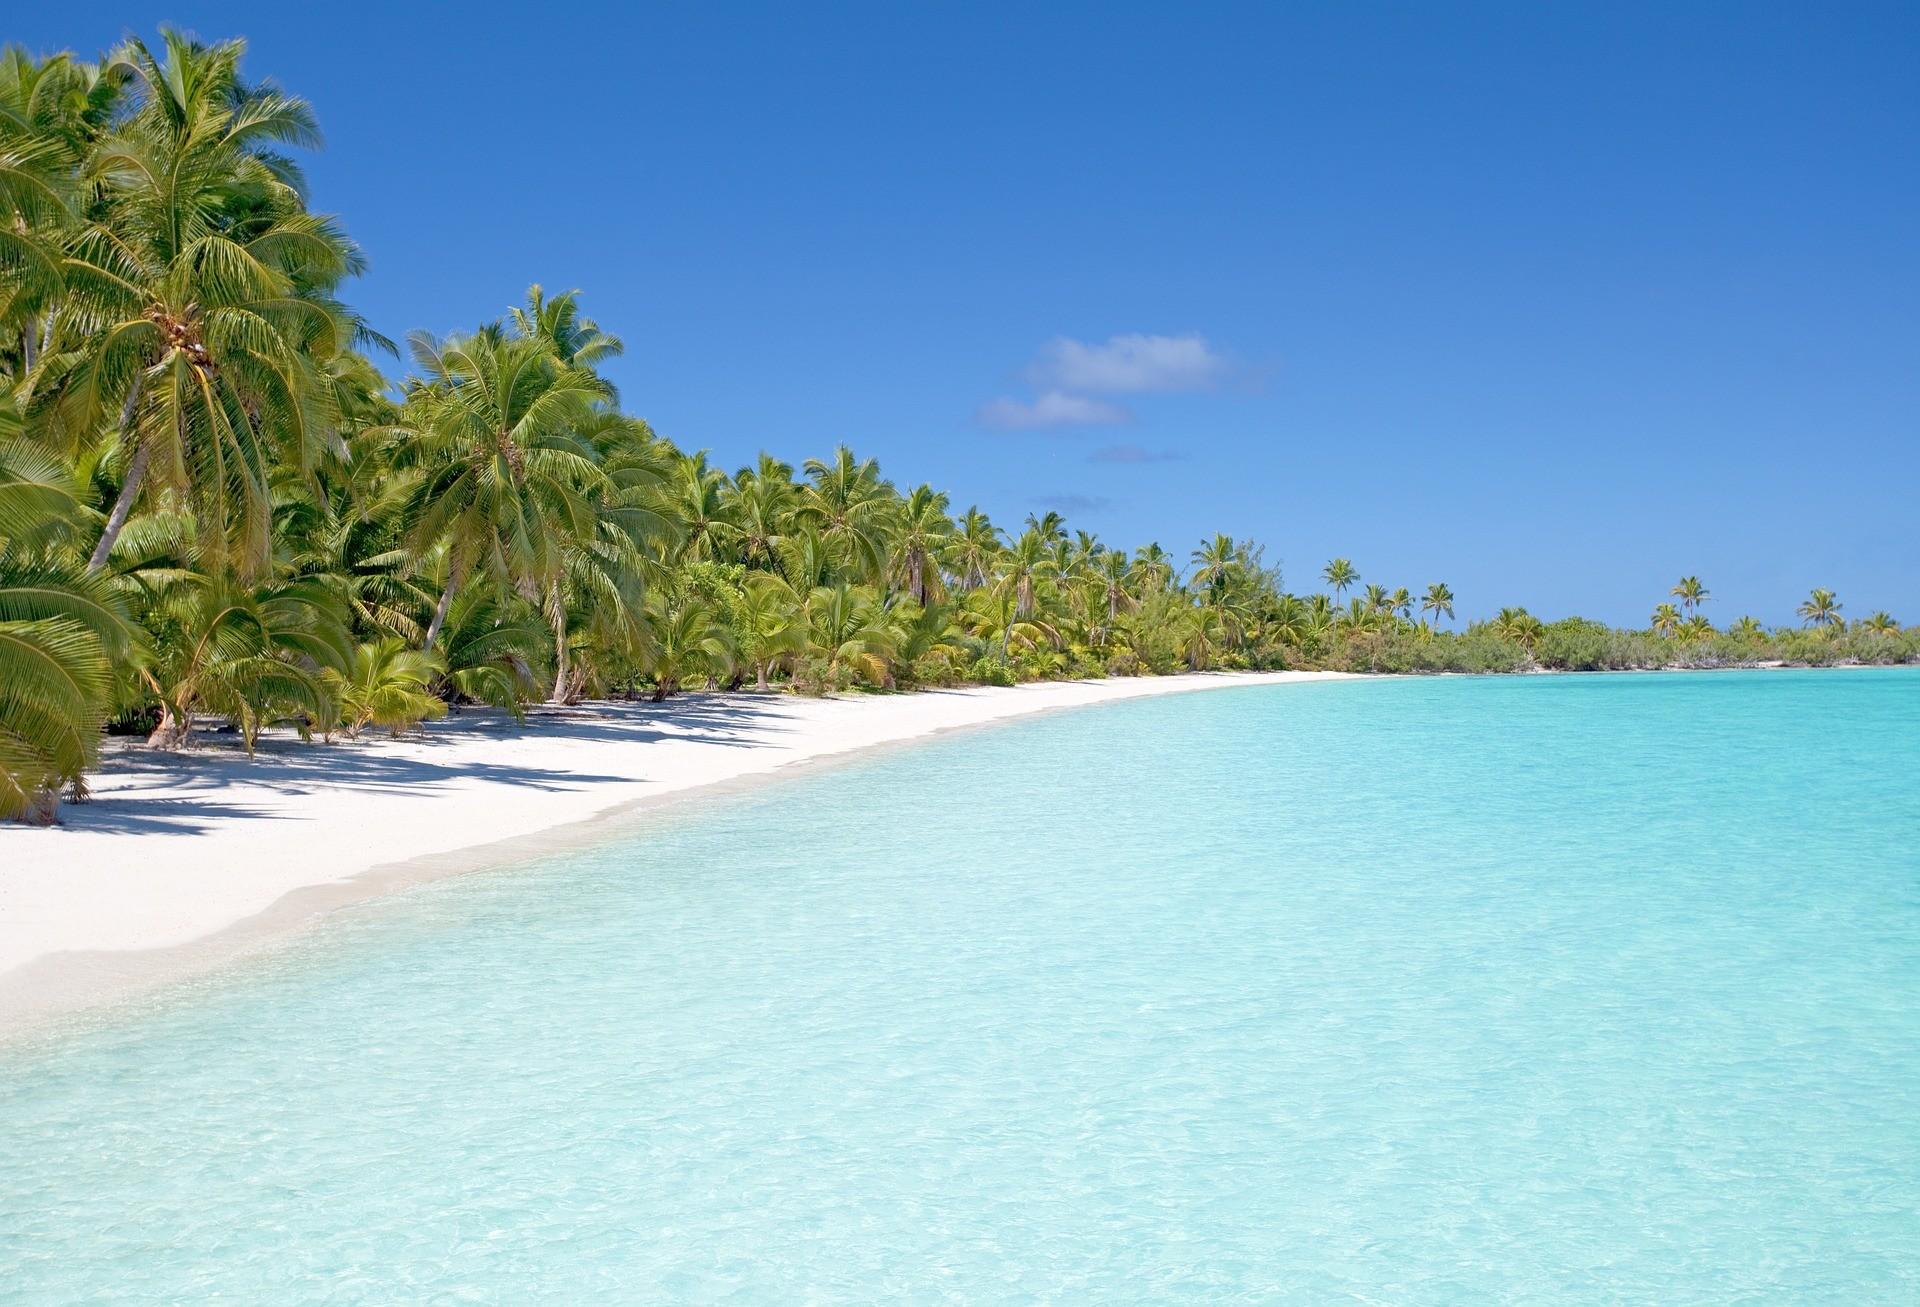 news-main-etude-hometogo-vacances-de-fevrier-top-10-des-destinations-les-plus-recherchees.1551884762.jpg